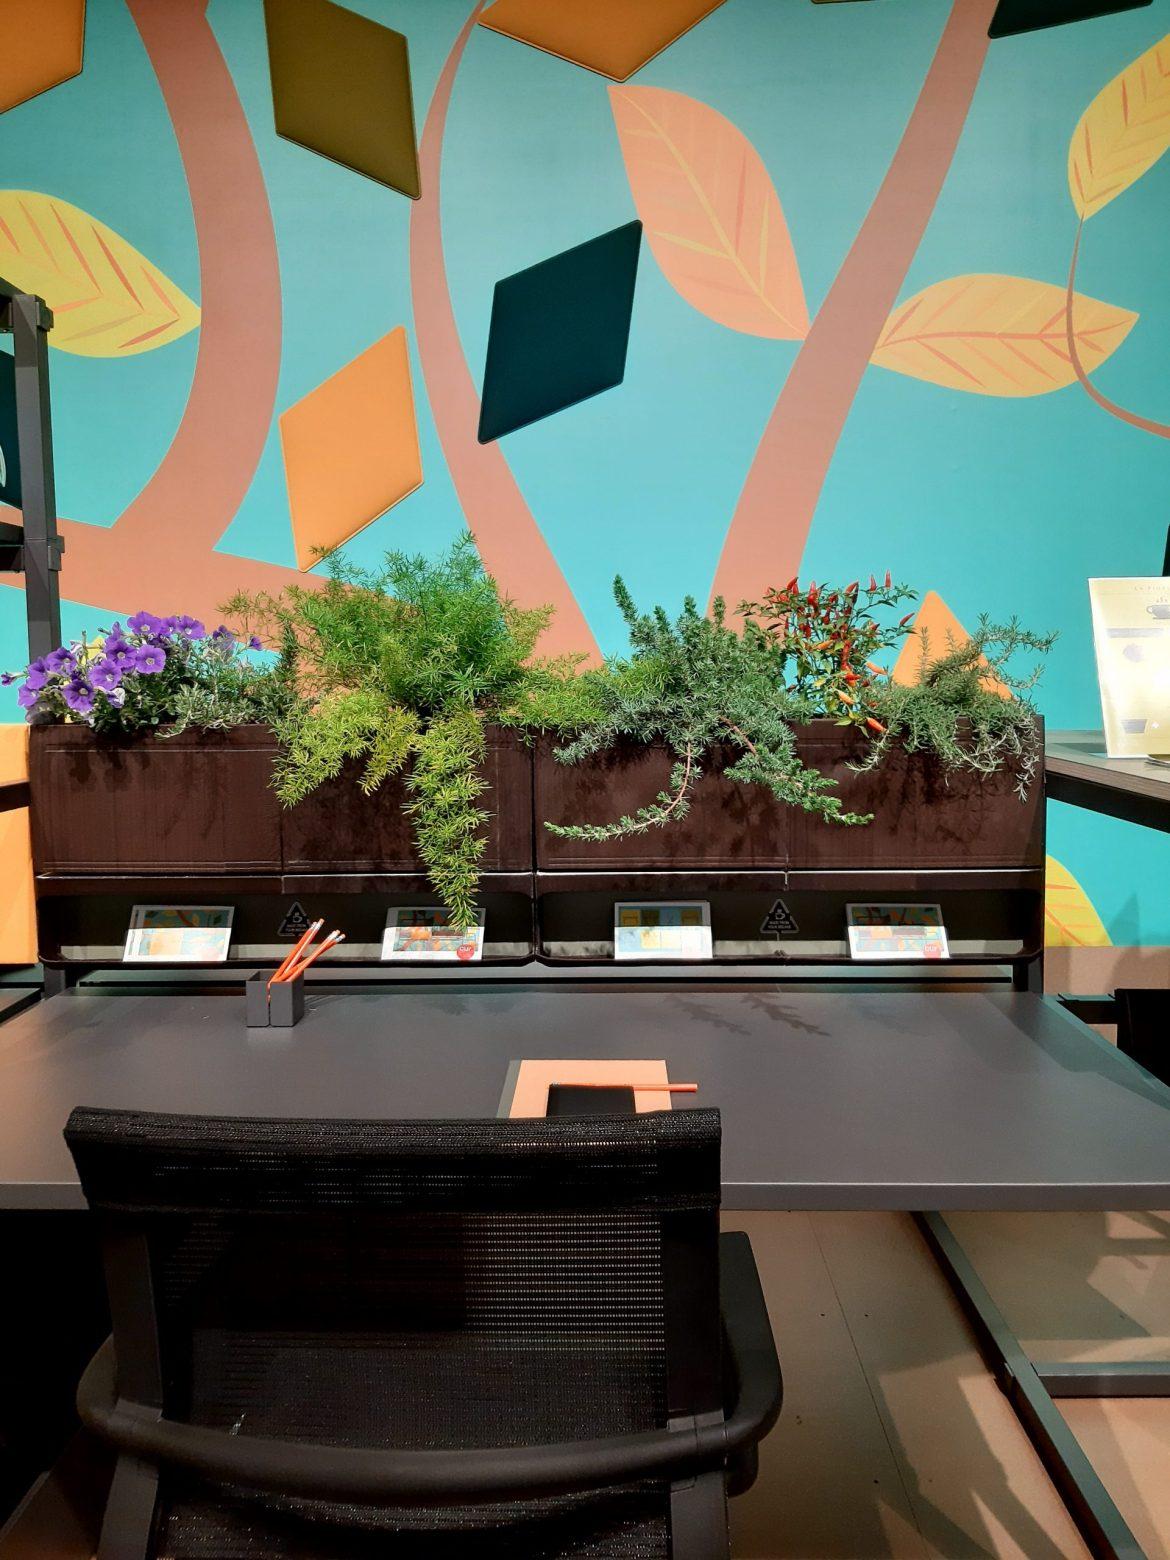 Proposta de home office com jardineira de plantas naturais na parte superior da estação e cadeira ergonômica